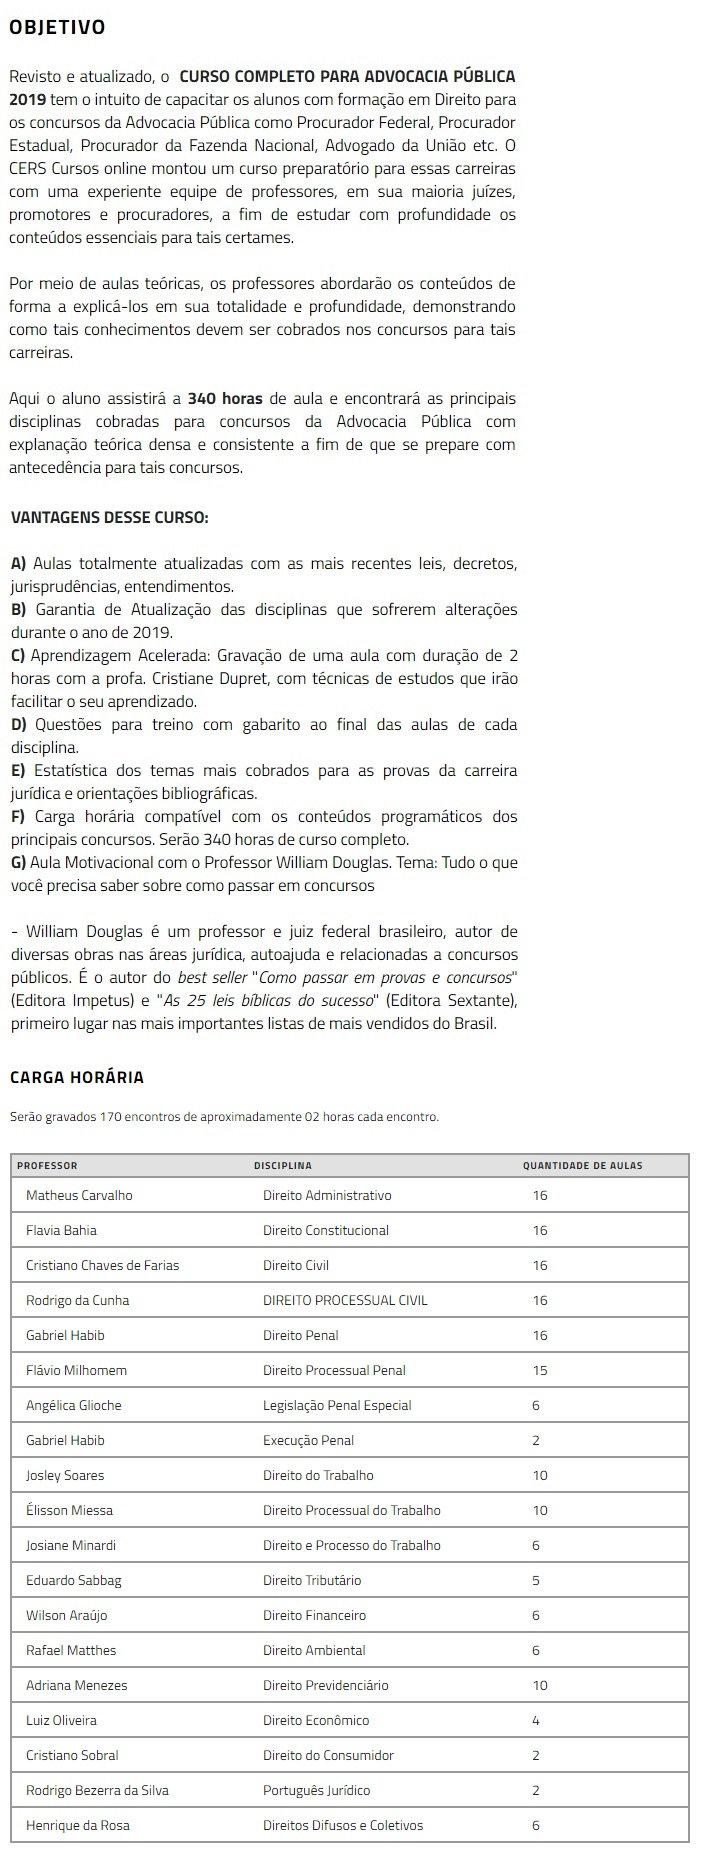 Advocacia_Pública2.jpg